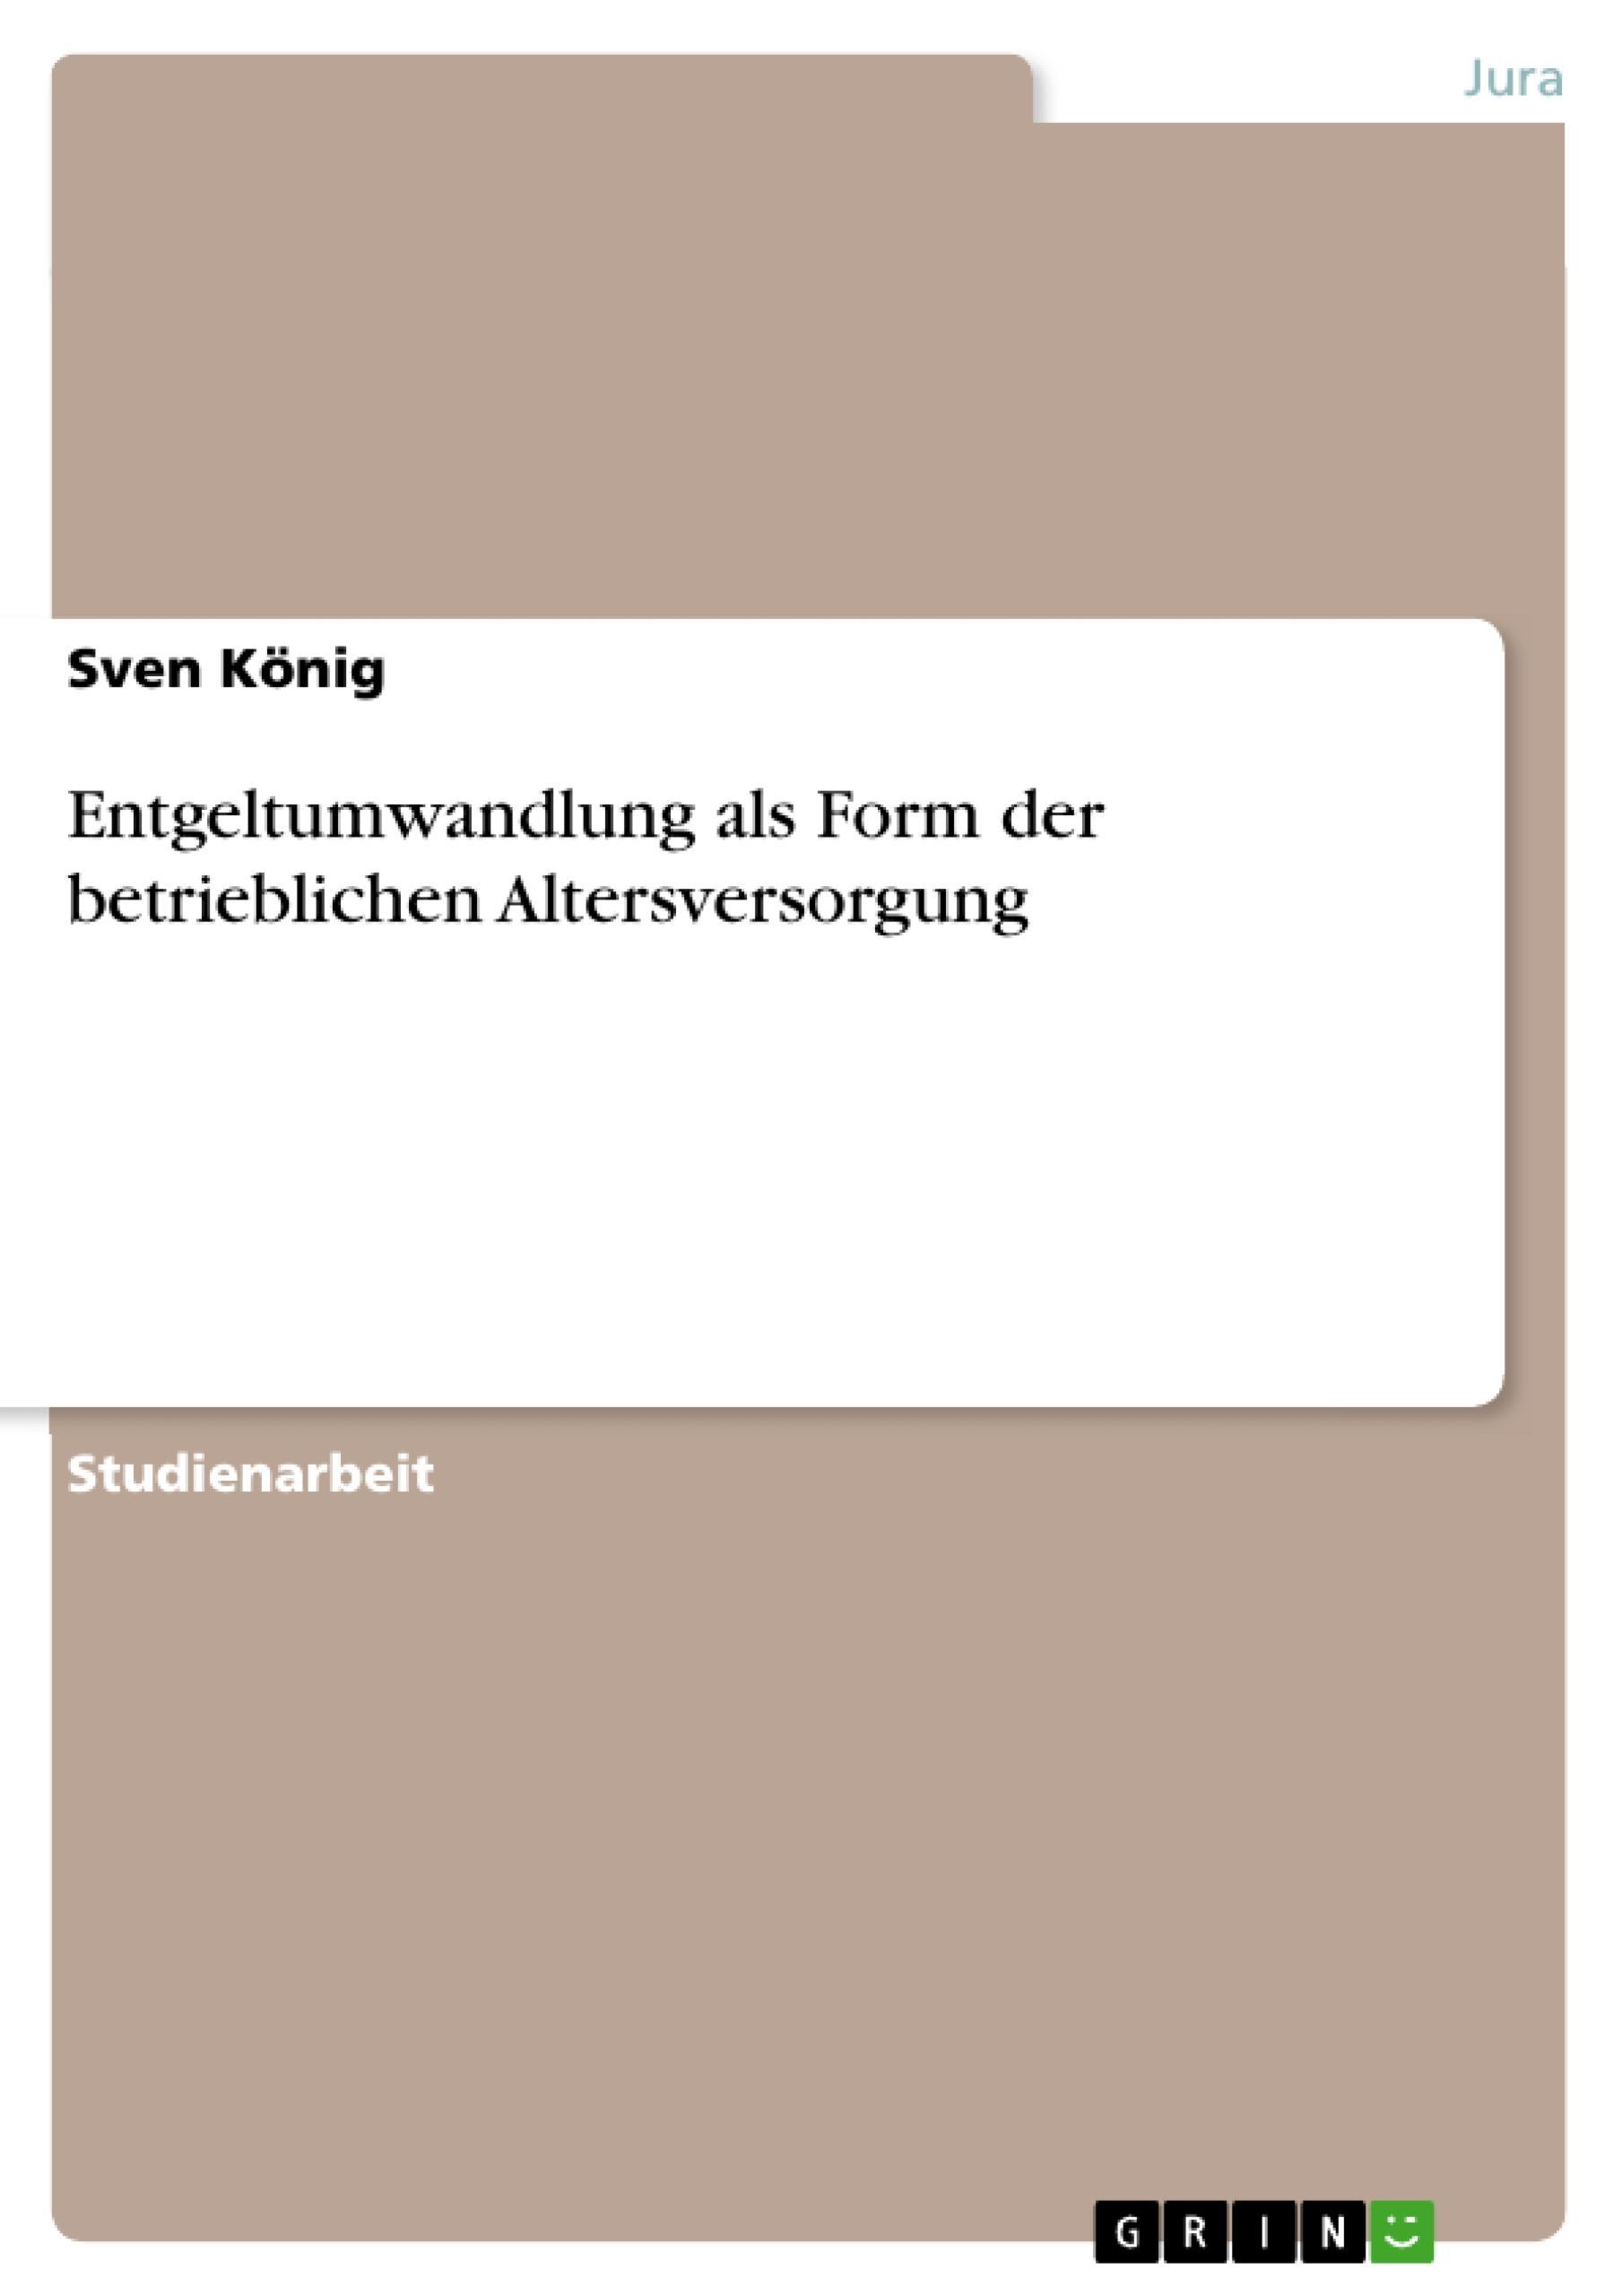 Entgeltumwandlung als Form der betrieblichen Altersversorgung  Sven König  Taschenbuch  Deutsch  2010 - König, Sven